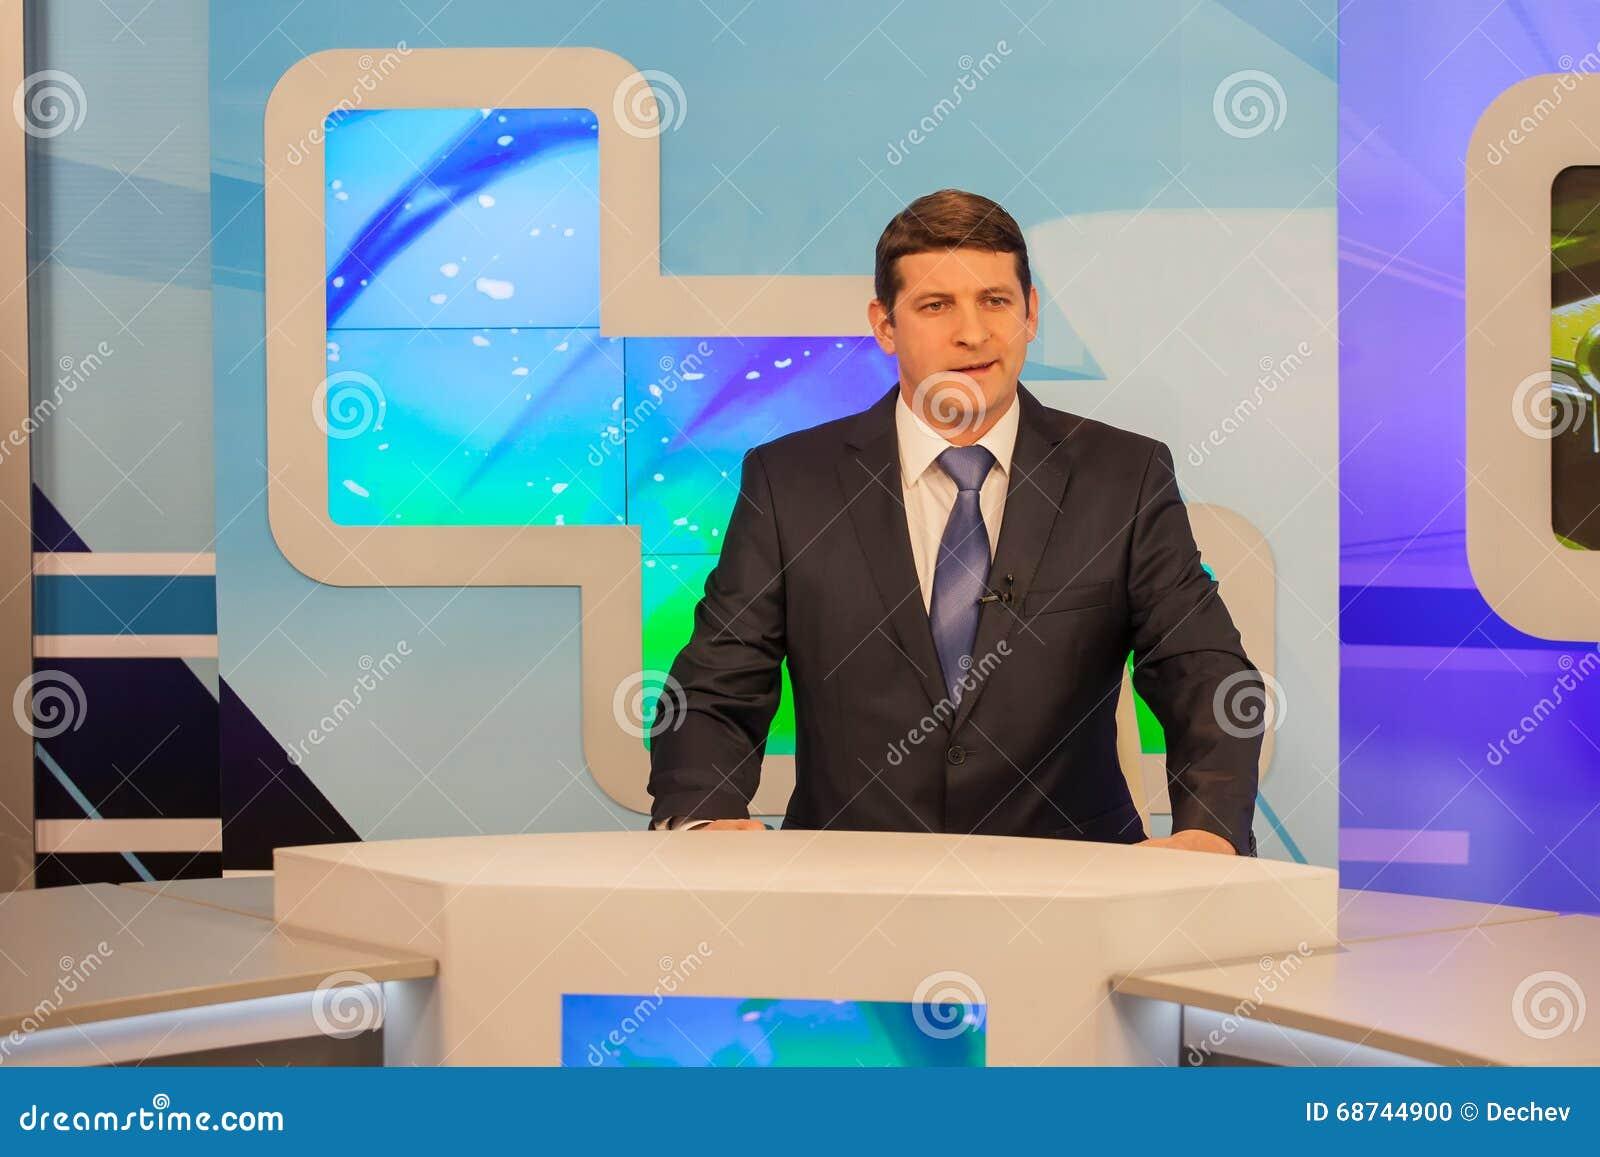 男性现场报道员在电视演播室 活广播